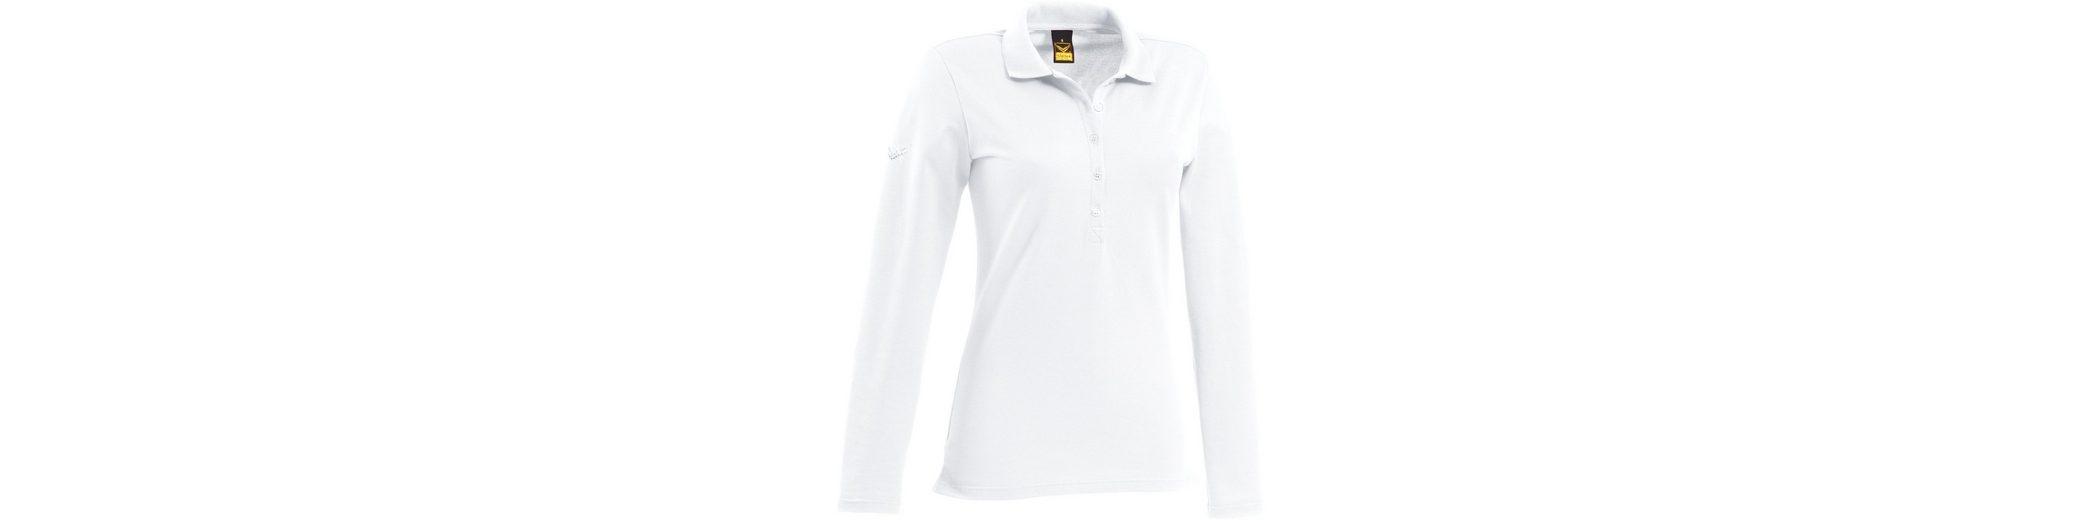 Billig Authentische Rabatt-Websites TRIGEMA Langarm Poloshirt mit Swarovski® Kristallen Zum Verkauf 2018 G6xYG